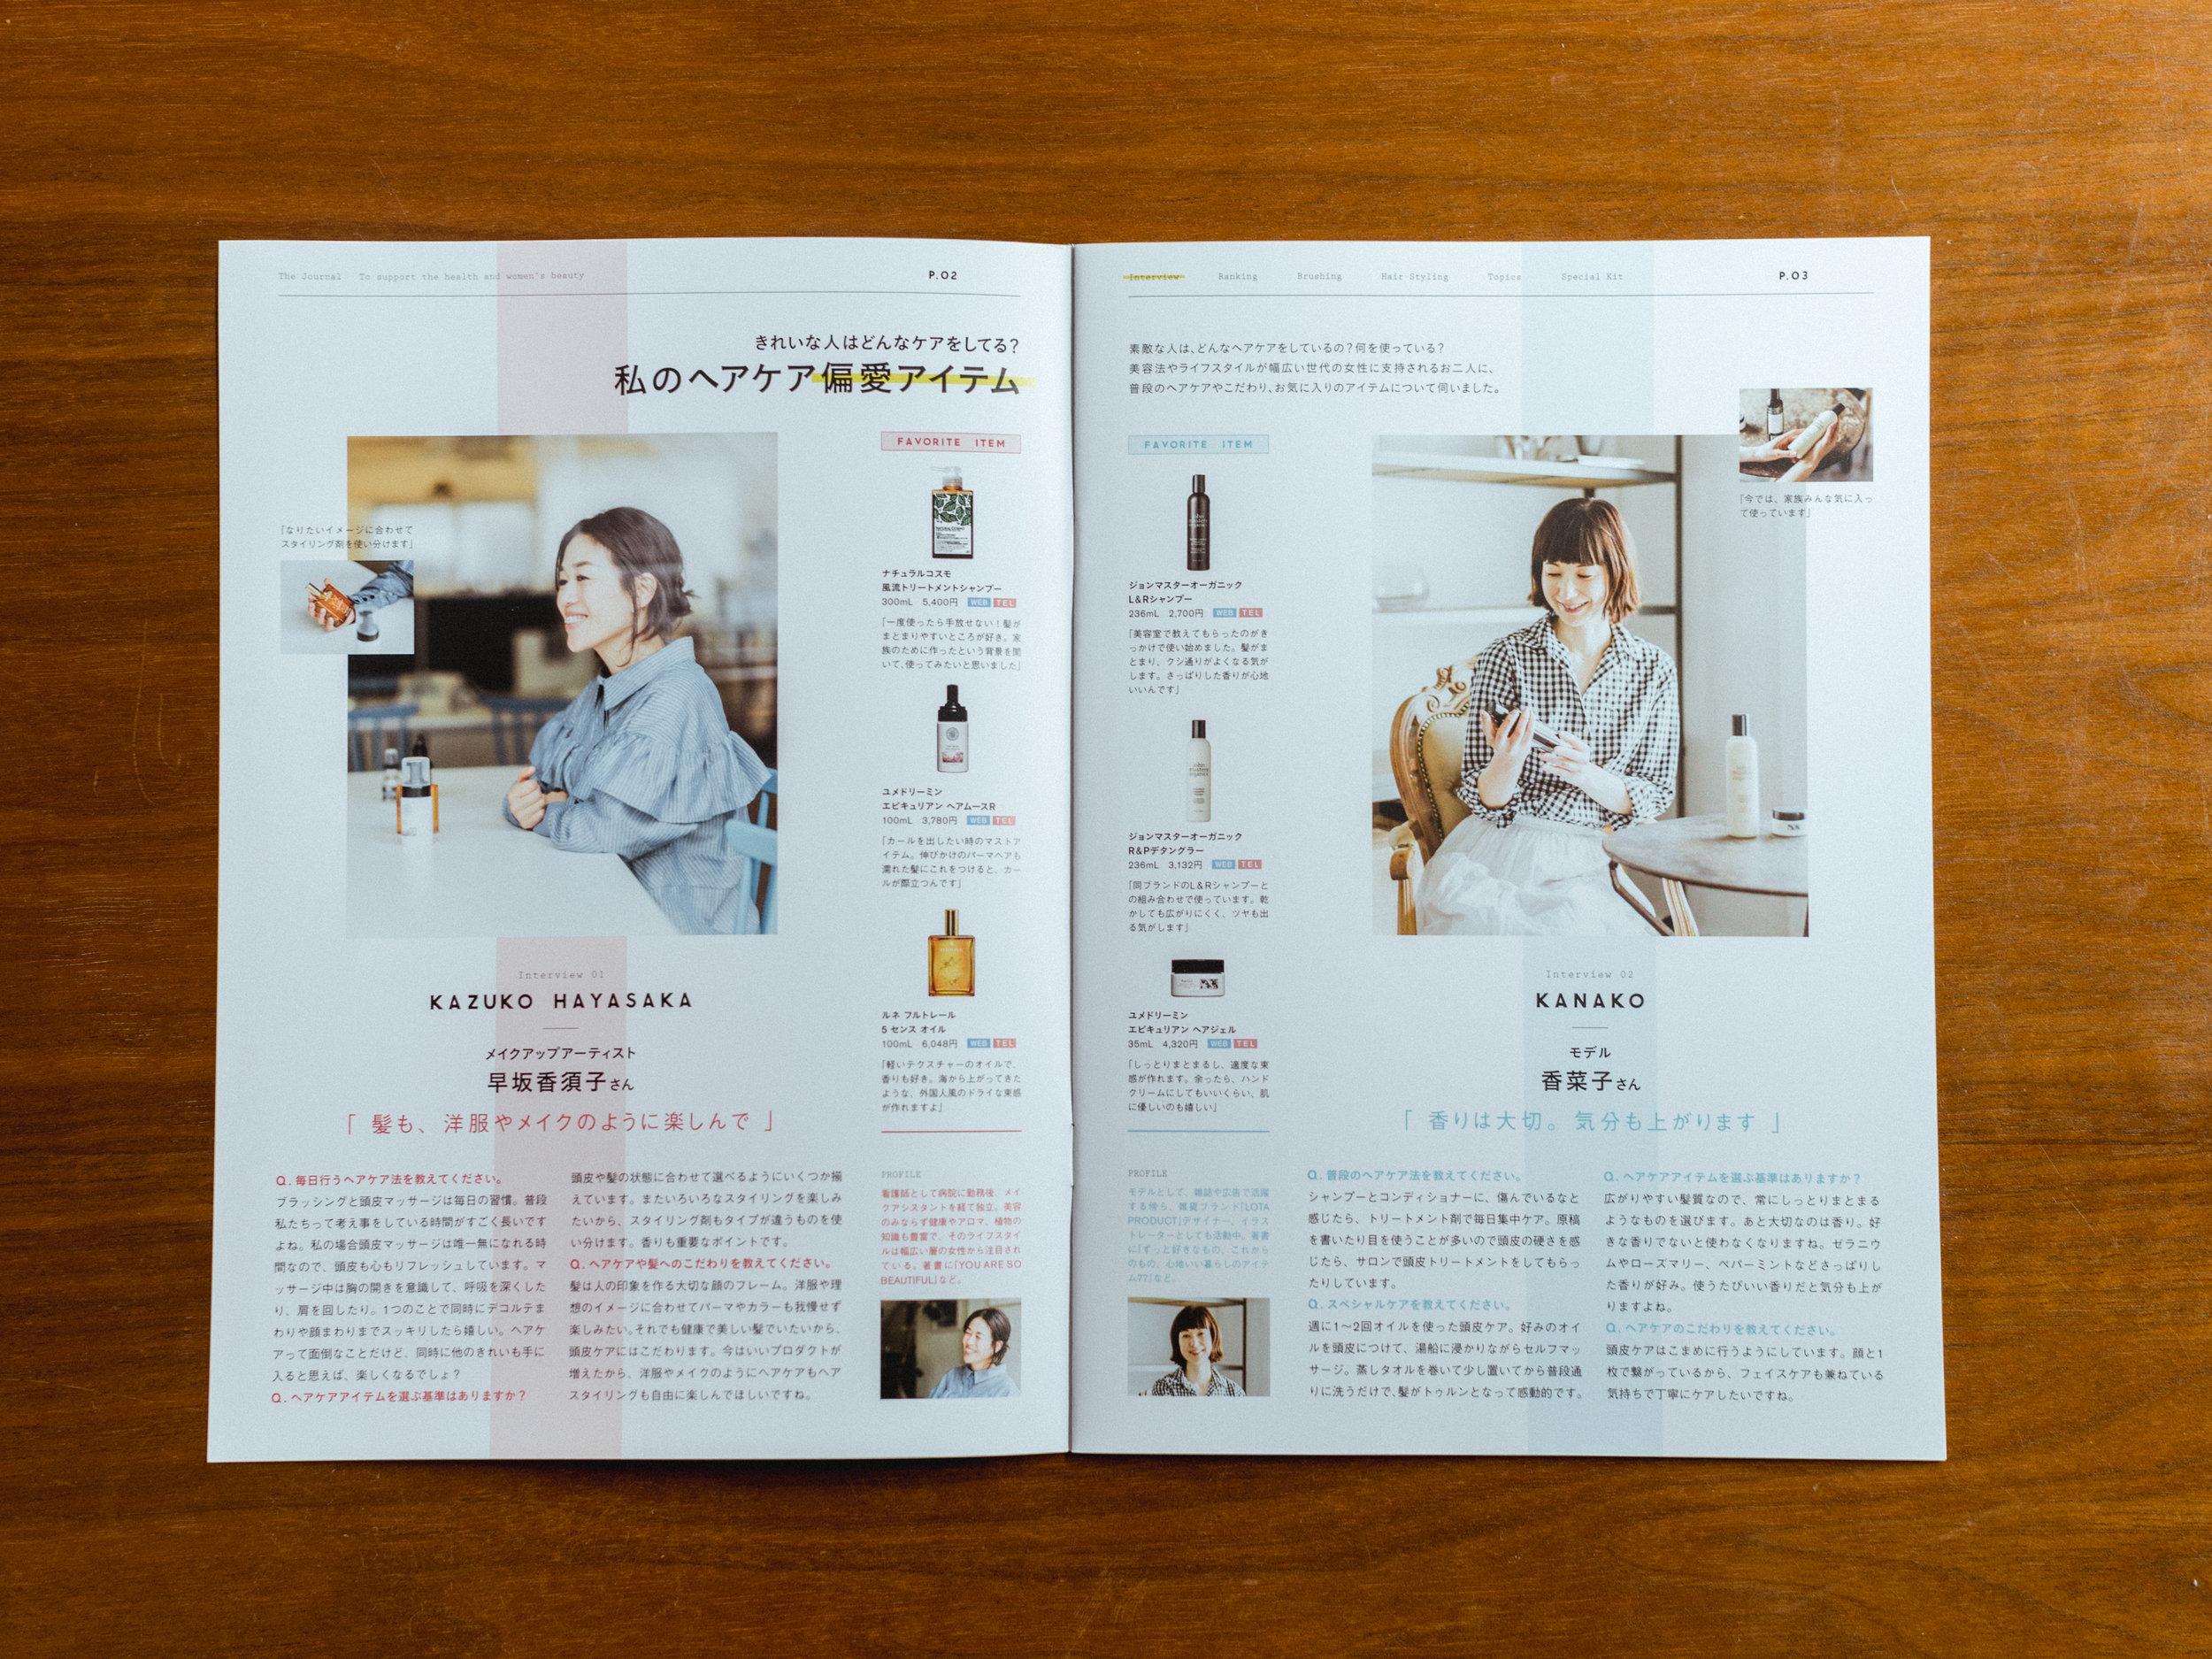 伊勢丹The Journal ISSUE VOL.26にて、モデル香菜子さん、ヘアメイクアーティスト早坂香須子さん撮影させて頂きました。